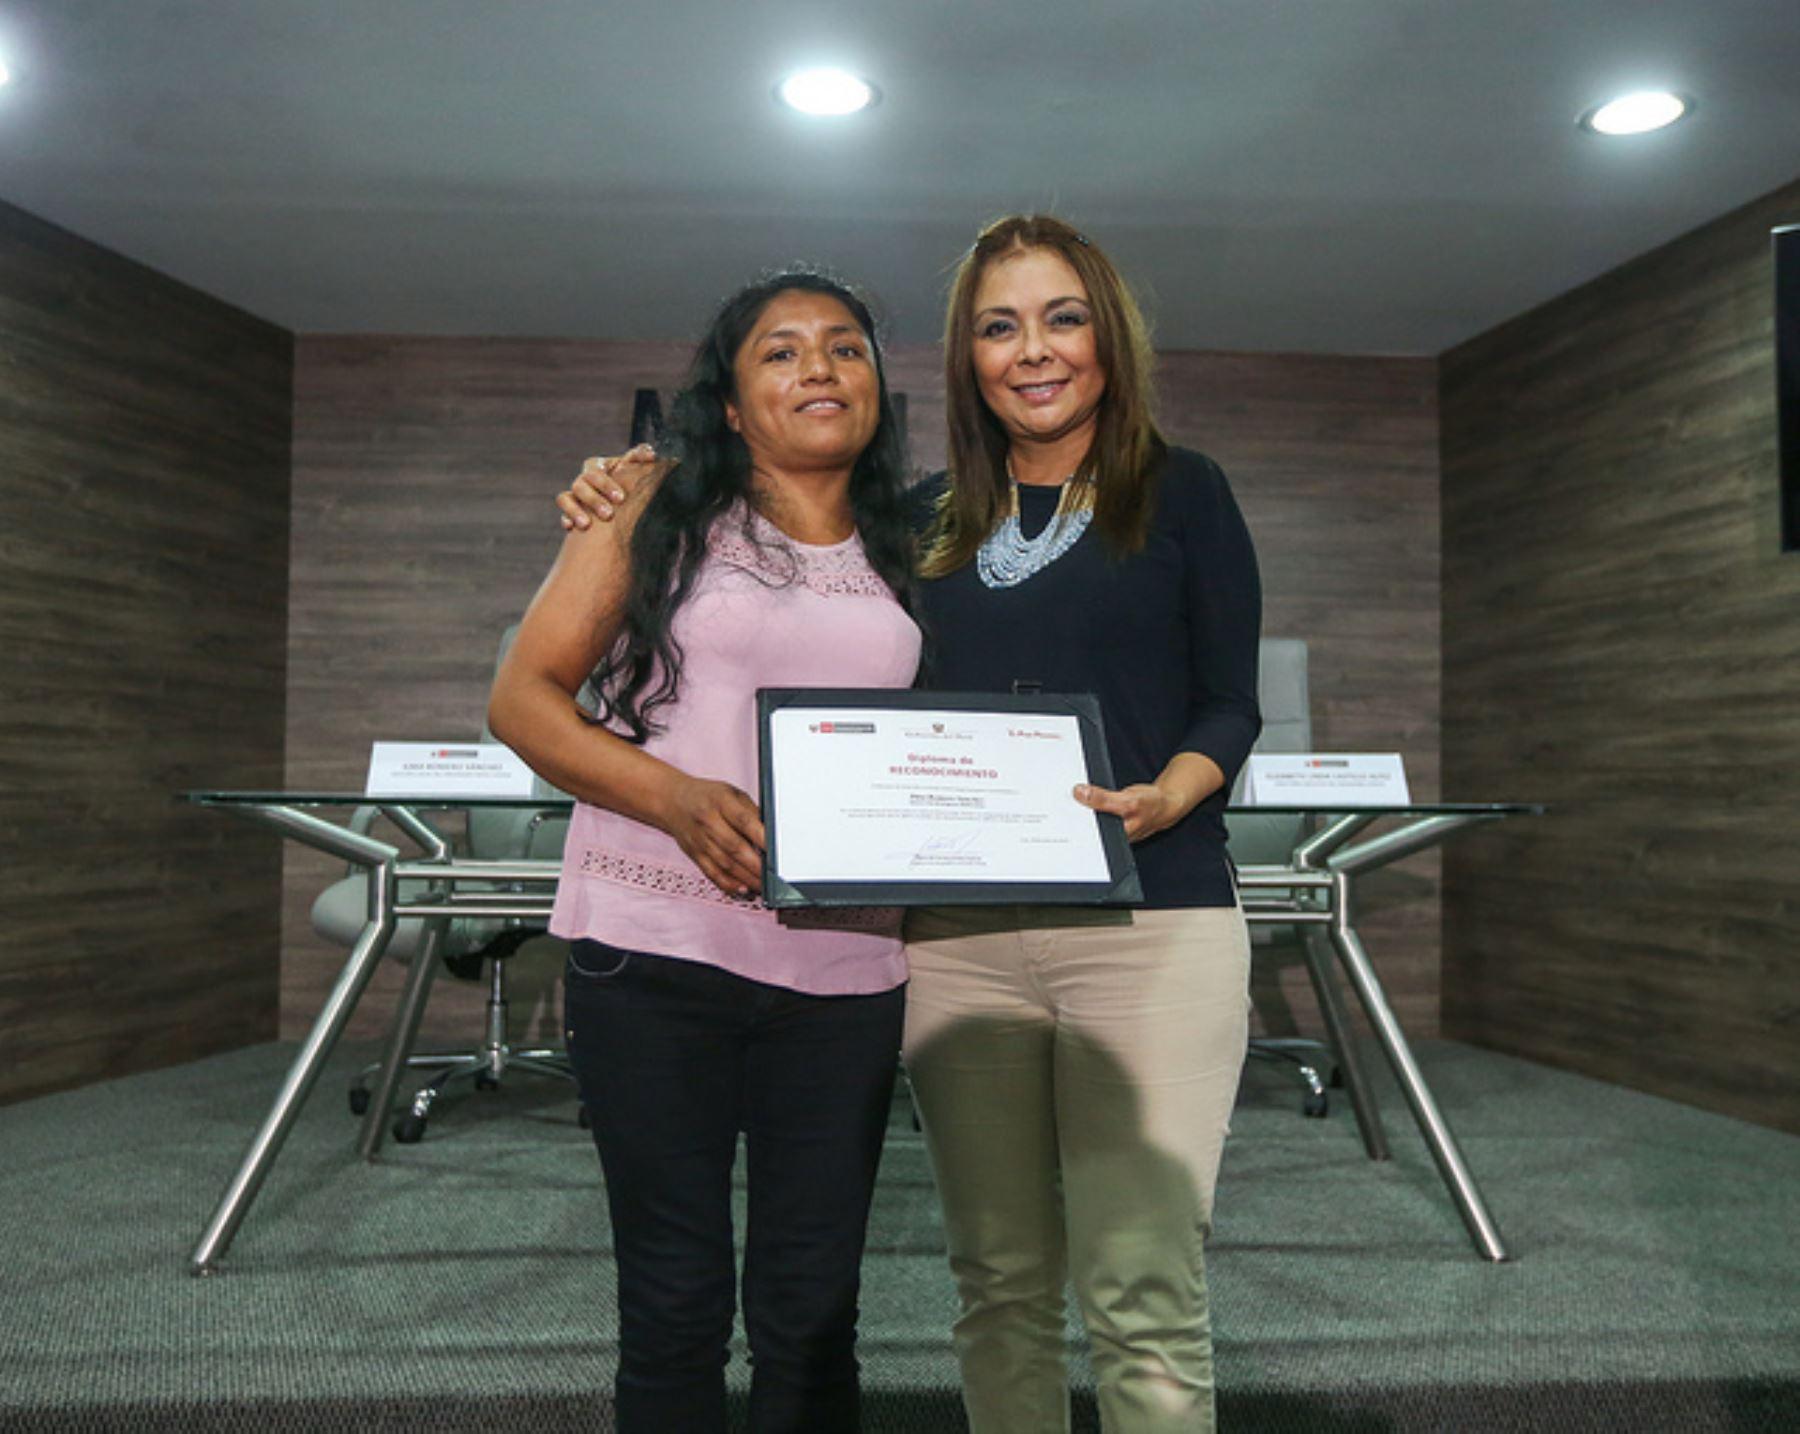 Titular del Midis reconoce a la gestora del programa Juntos, Ilma Romero Sánchez por su actitud valerosa en la lucha contra la violencia hacia la Mujer.